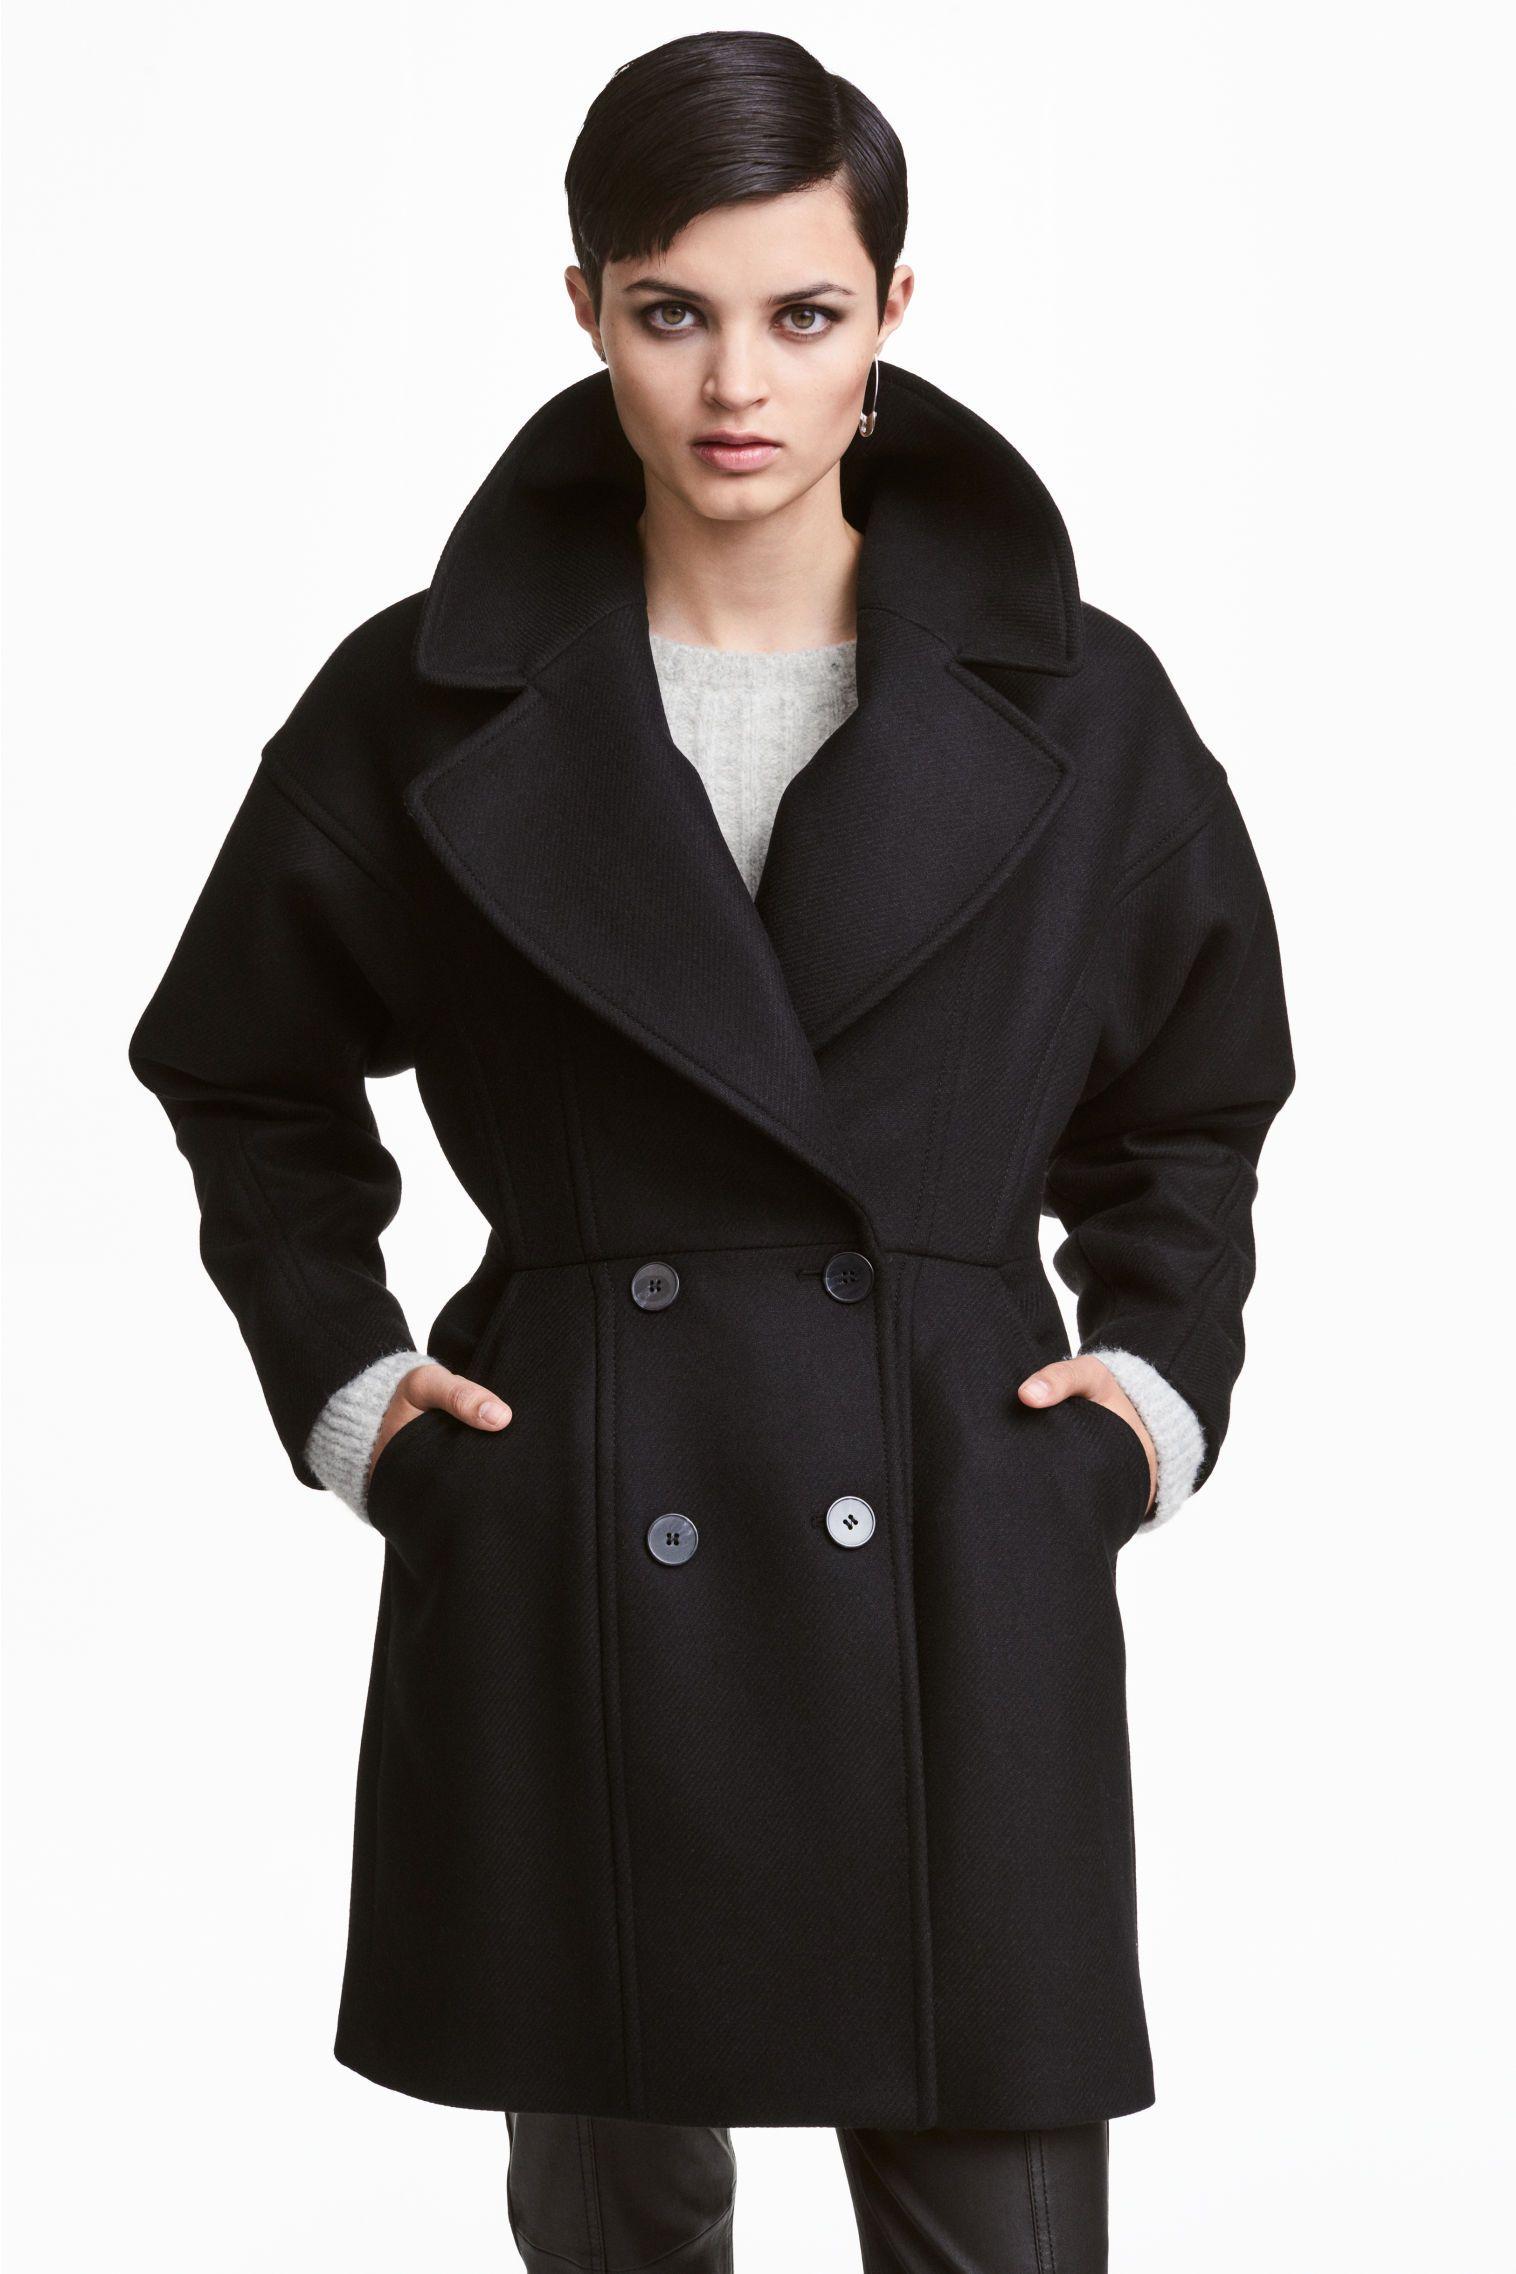 779f0106449f8 Manteau en laine mélangée   Black   White   Manteau laine, Manteau ...